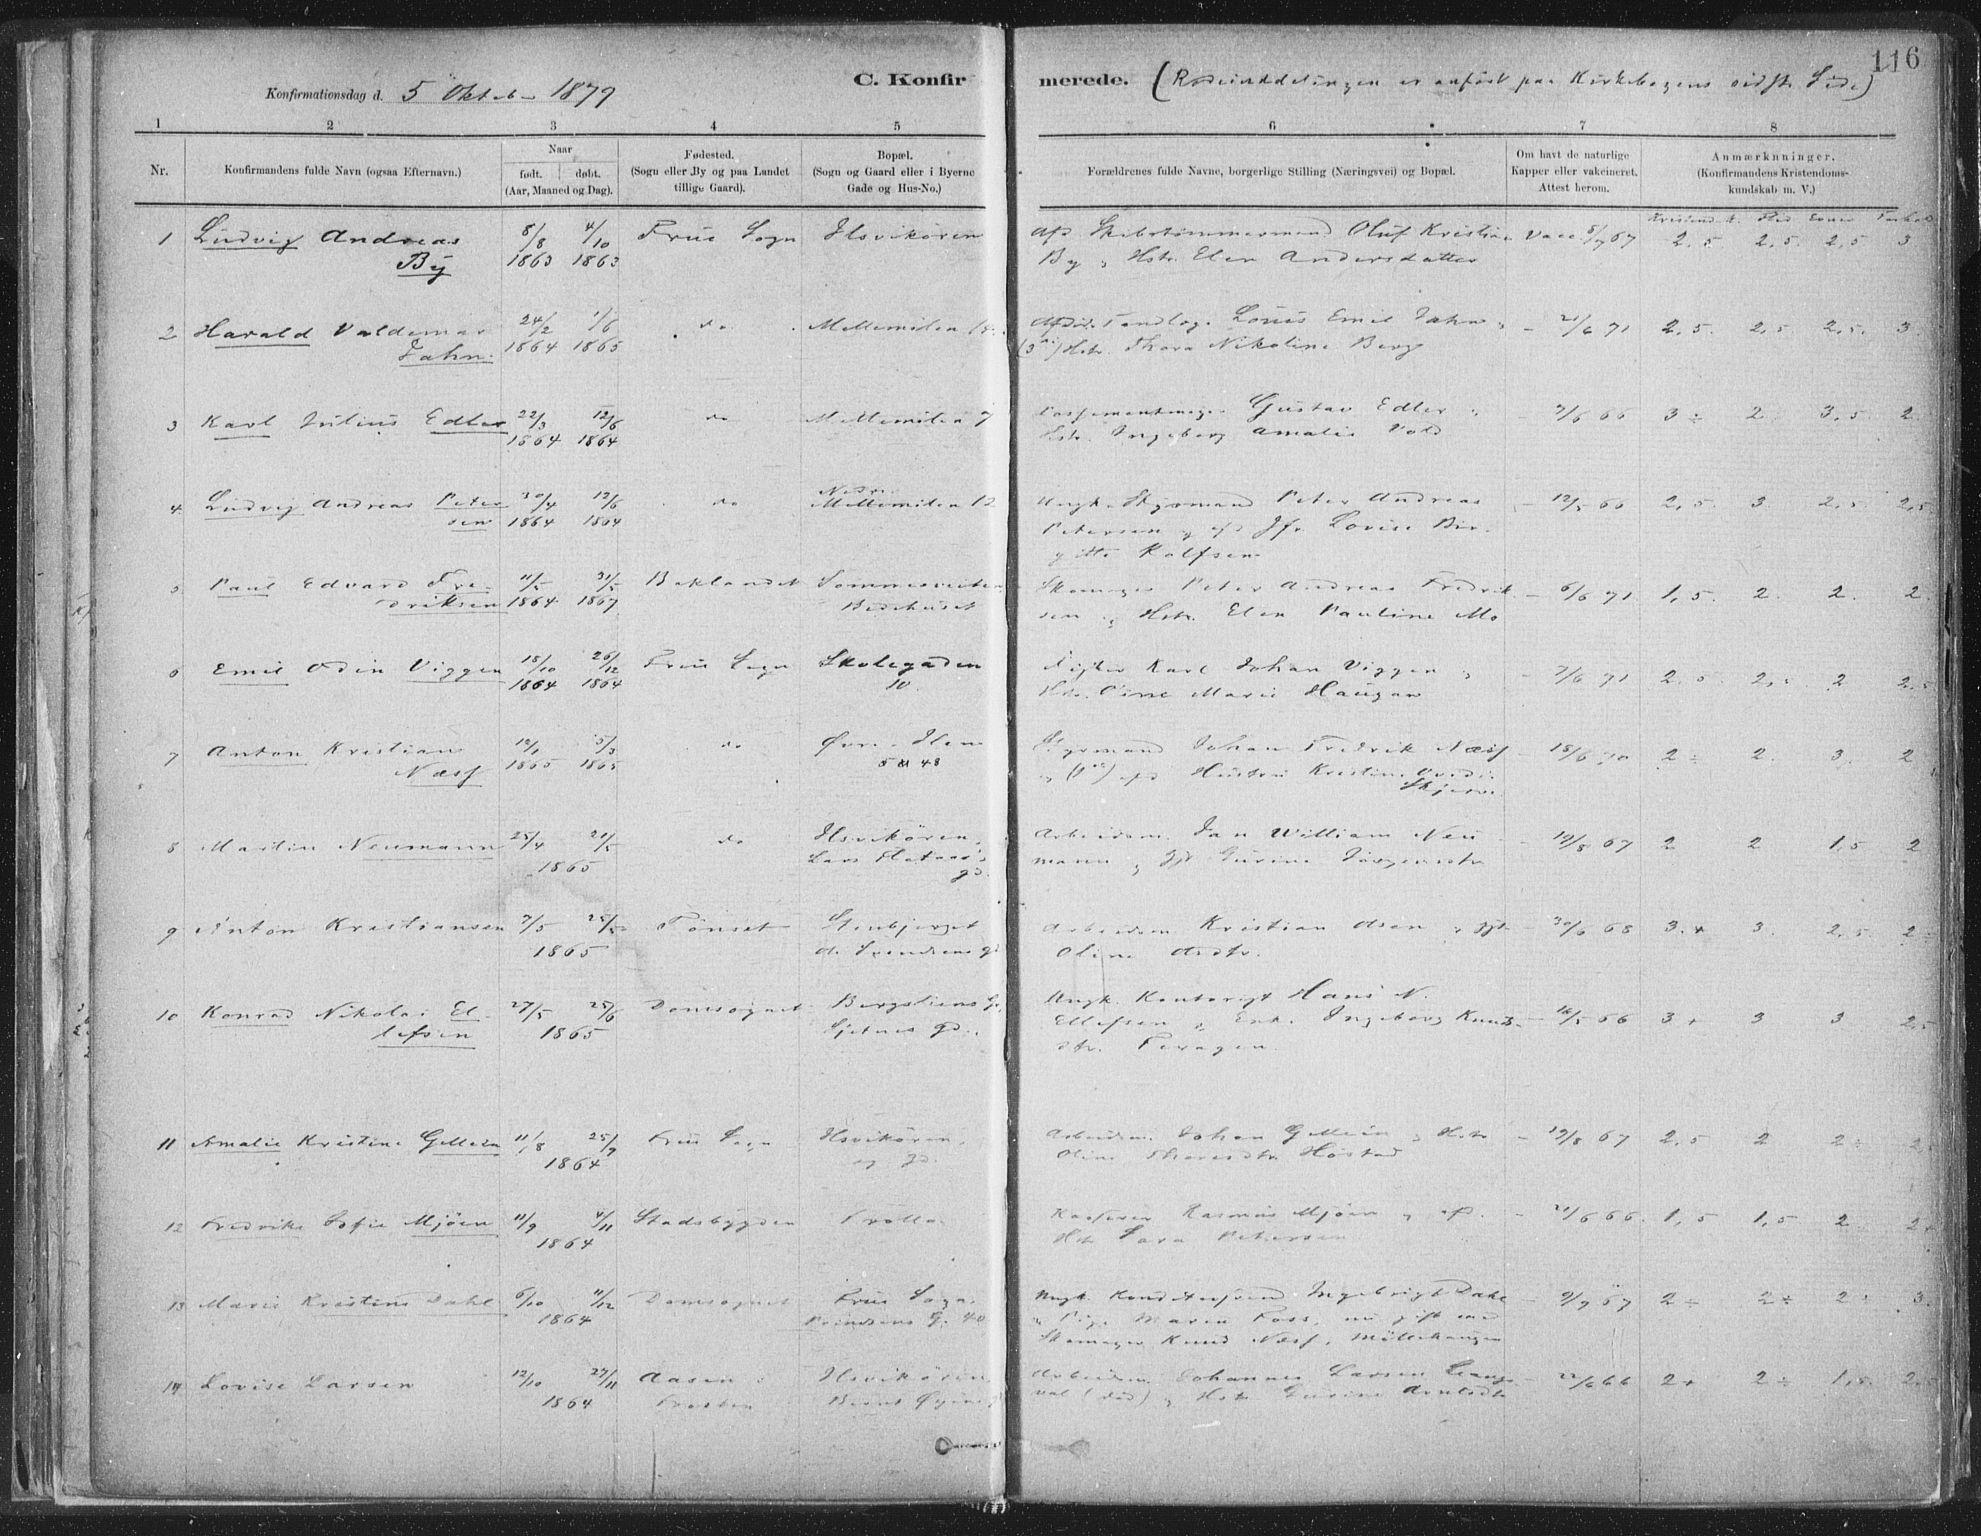 SAT, Ministerialprotokoller, klokkerbøker og fødselsregistre - Sør-Trøndelag, 603/L0162: Ministerialbok nr. 603A01, 1879-1895, s. 116